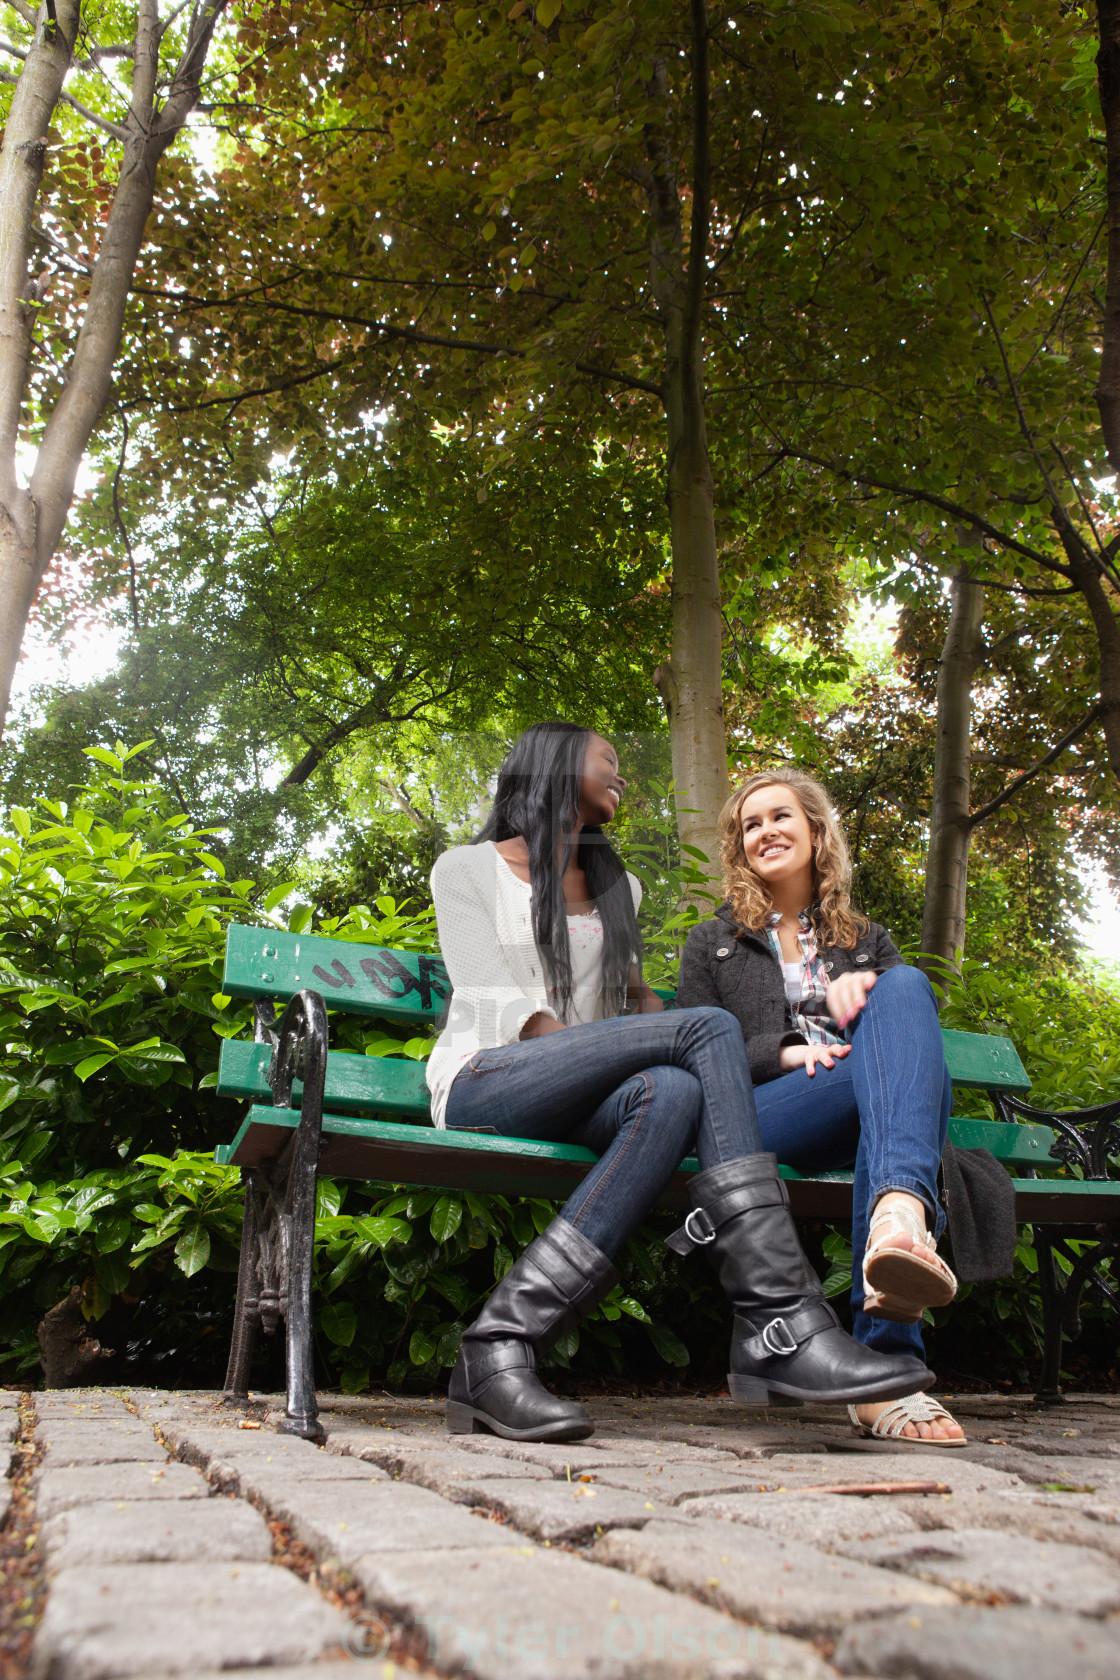 человек построил девушки сосут в парке на людях фото